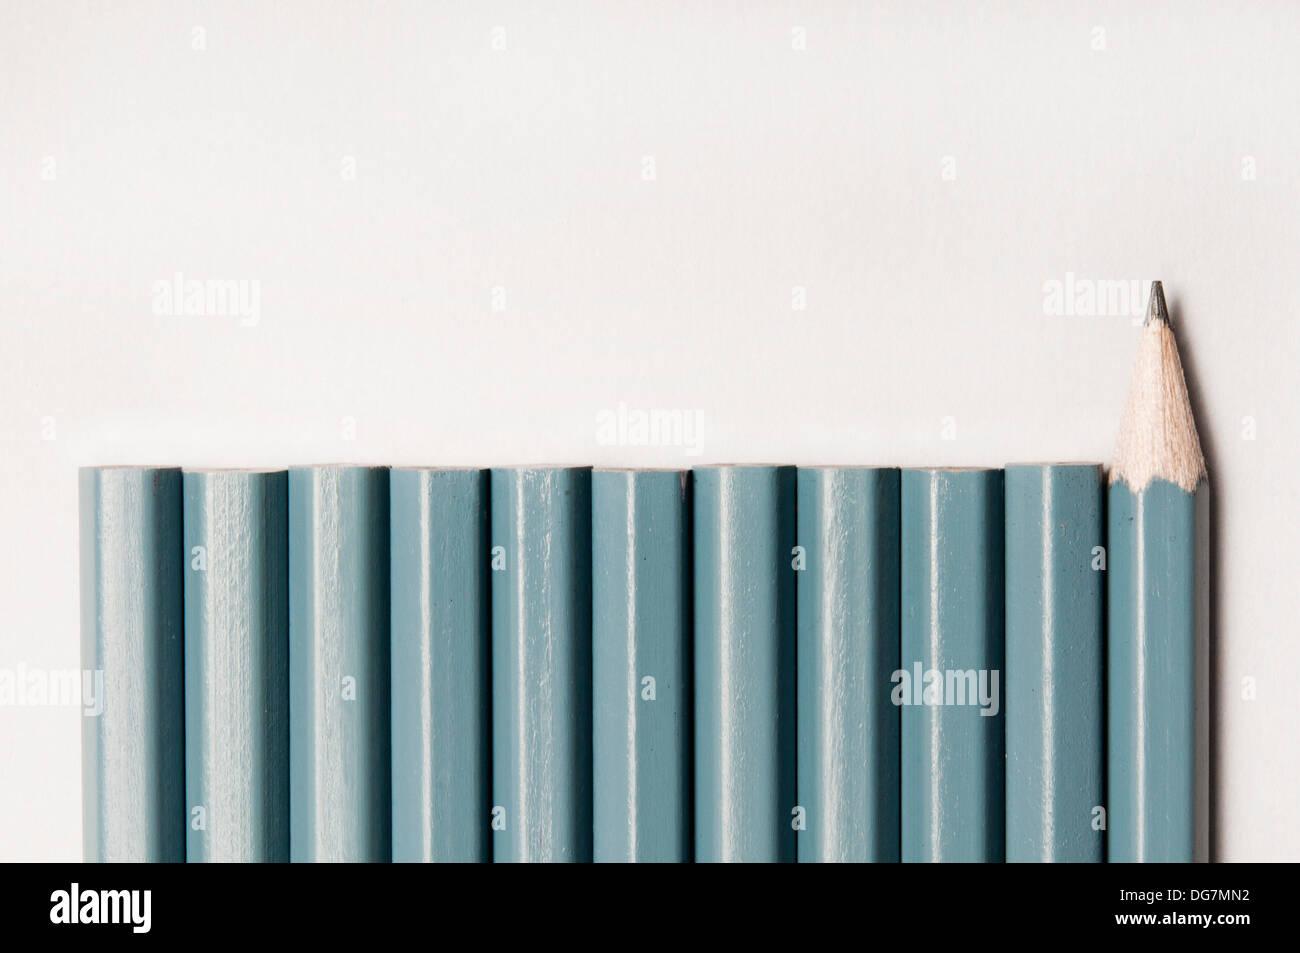 Bleistifte in einer Reihe, man stellte sich in die entgegengesetzte Richtung, Konzept für contrarian Stockbild